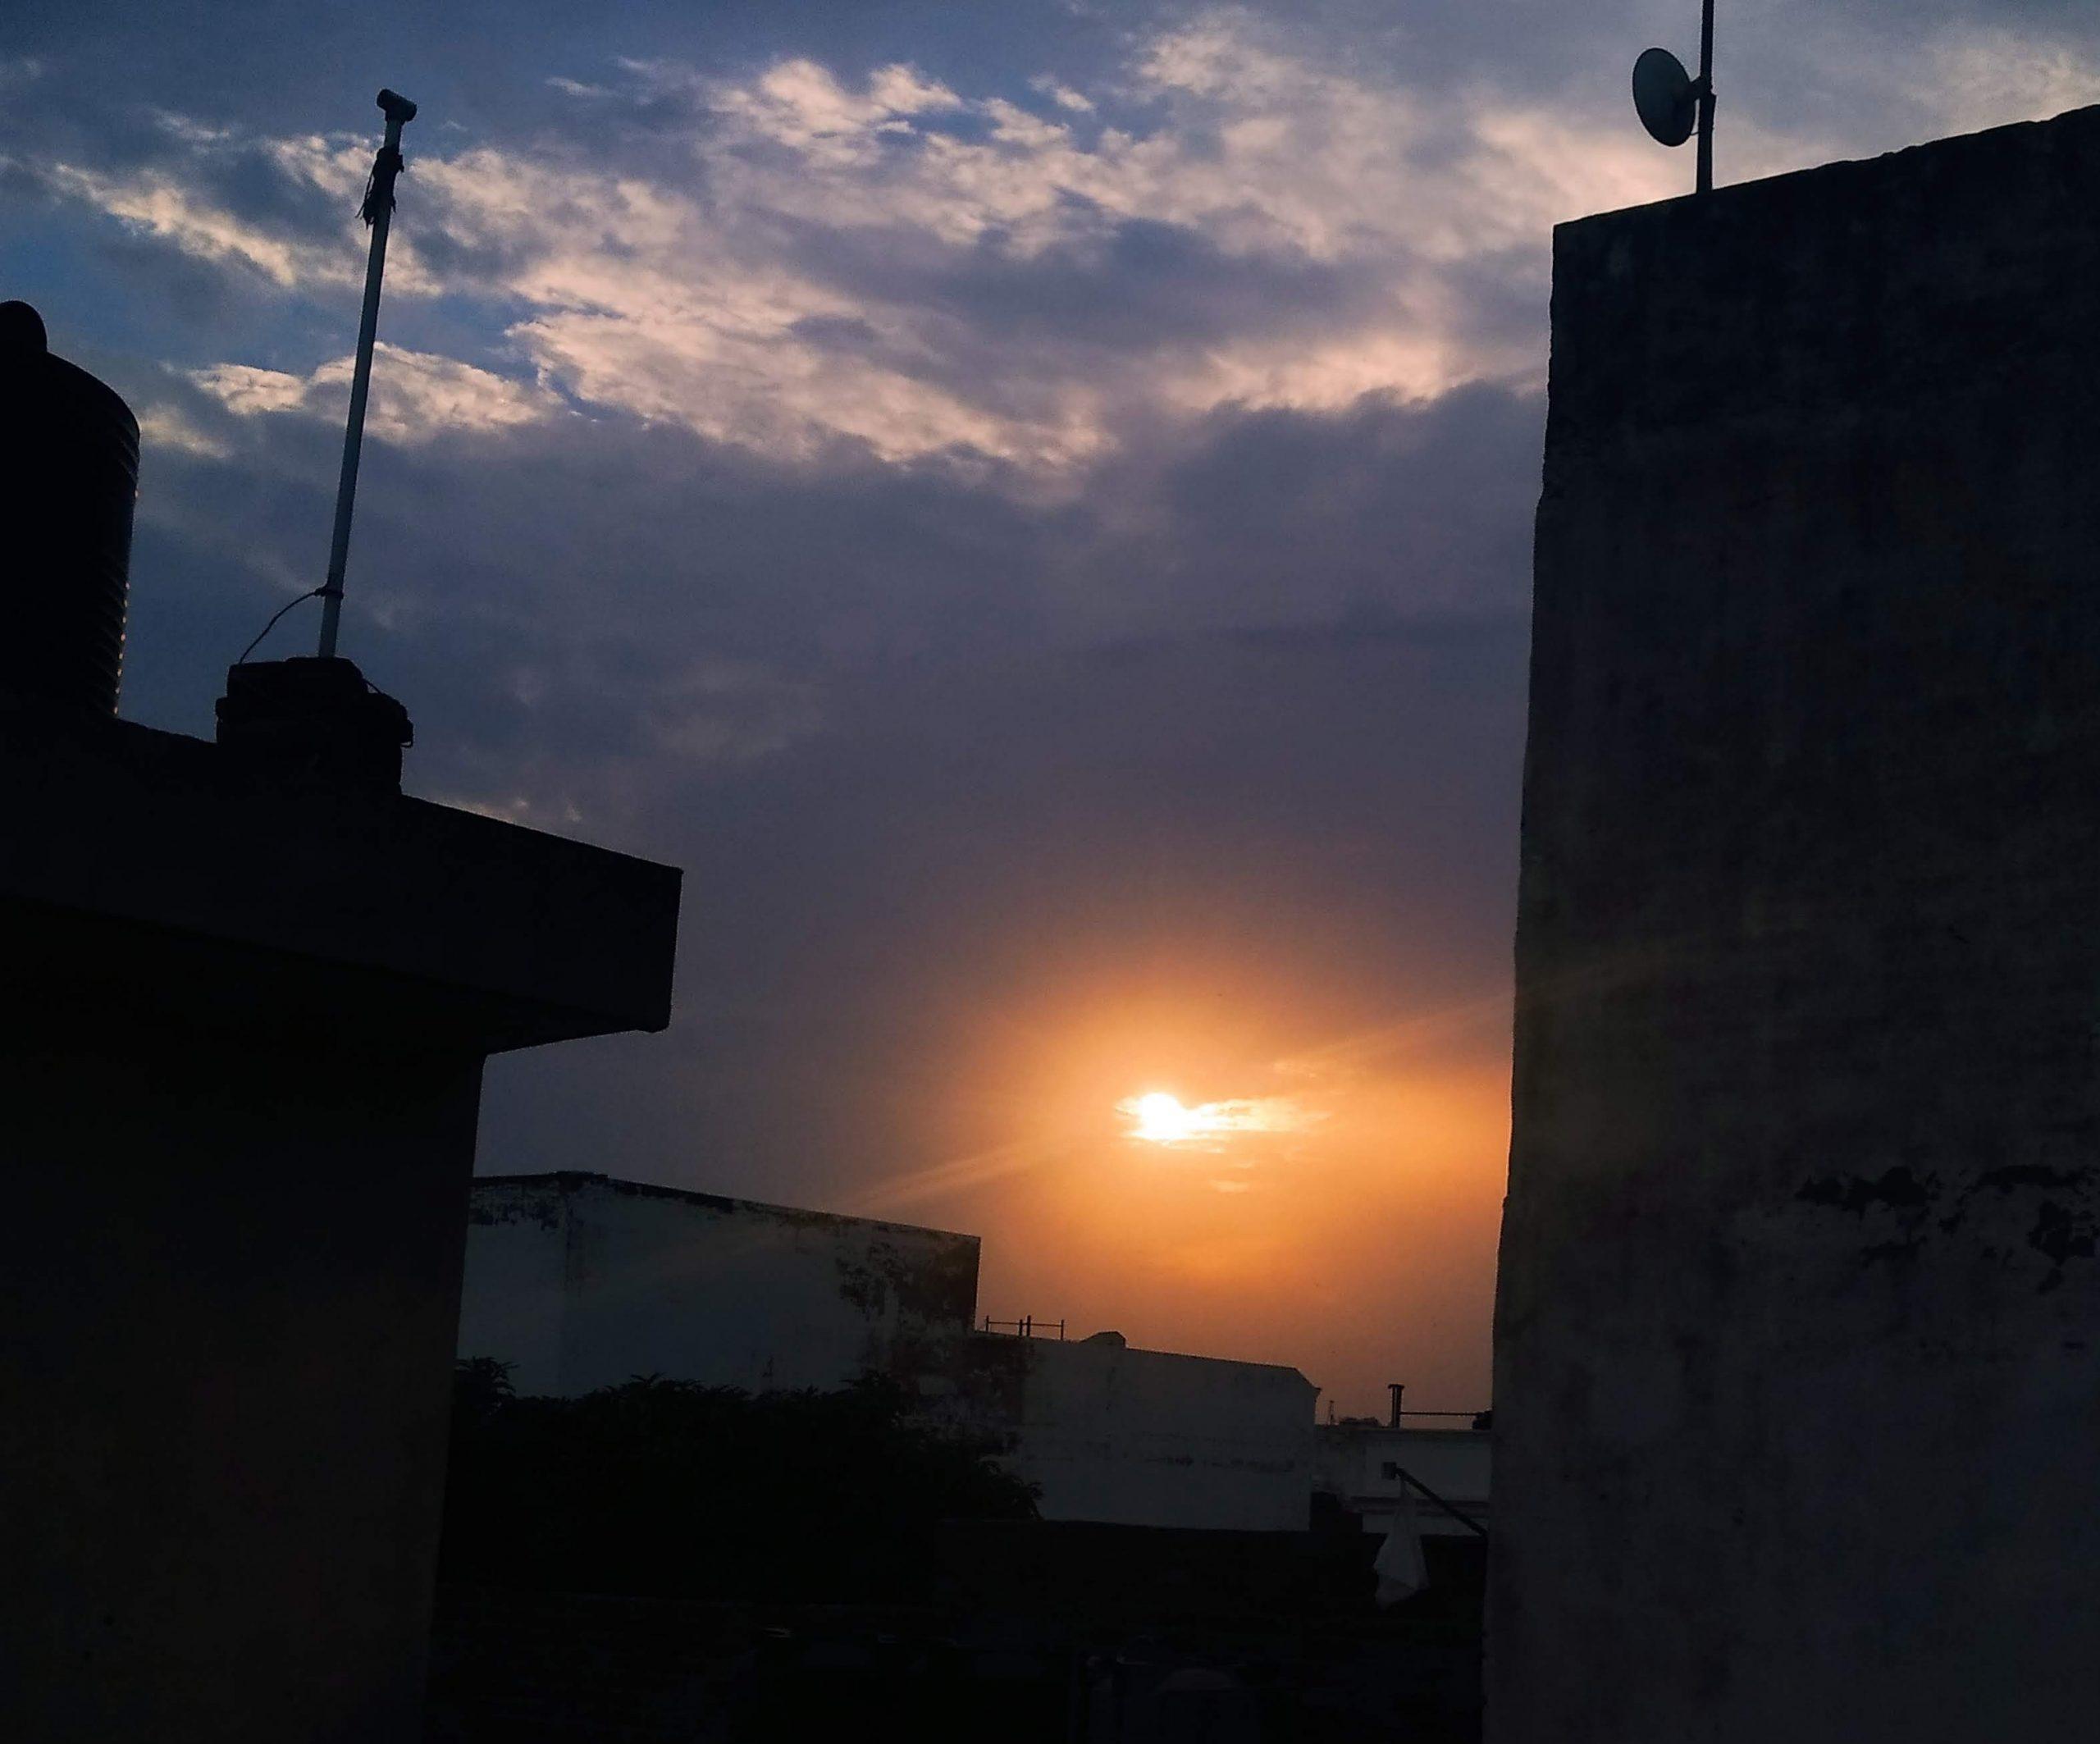 Sunset through a town